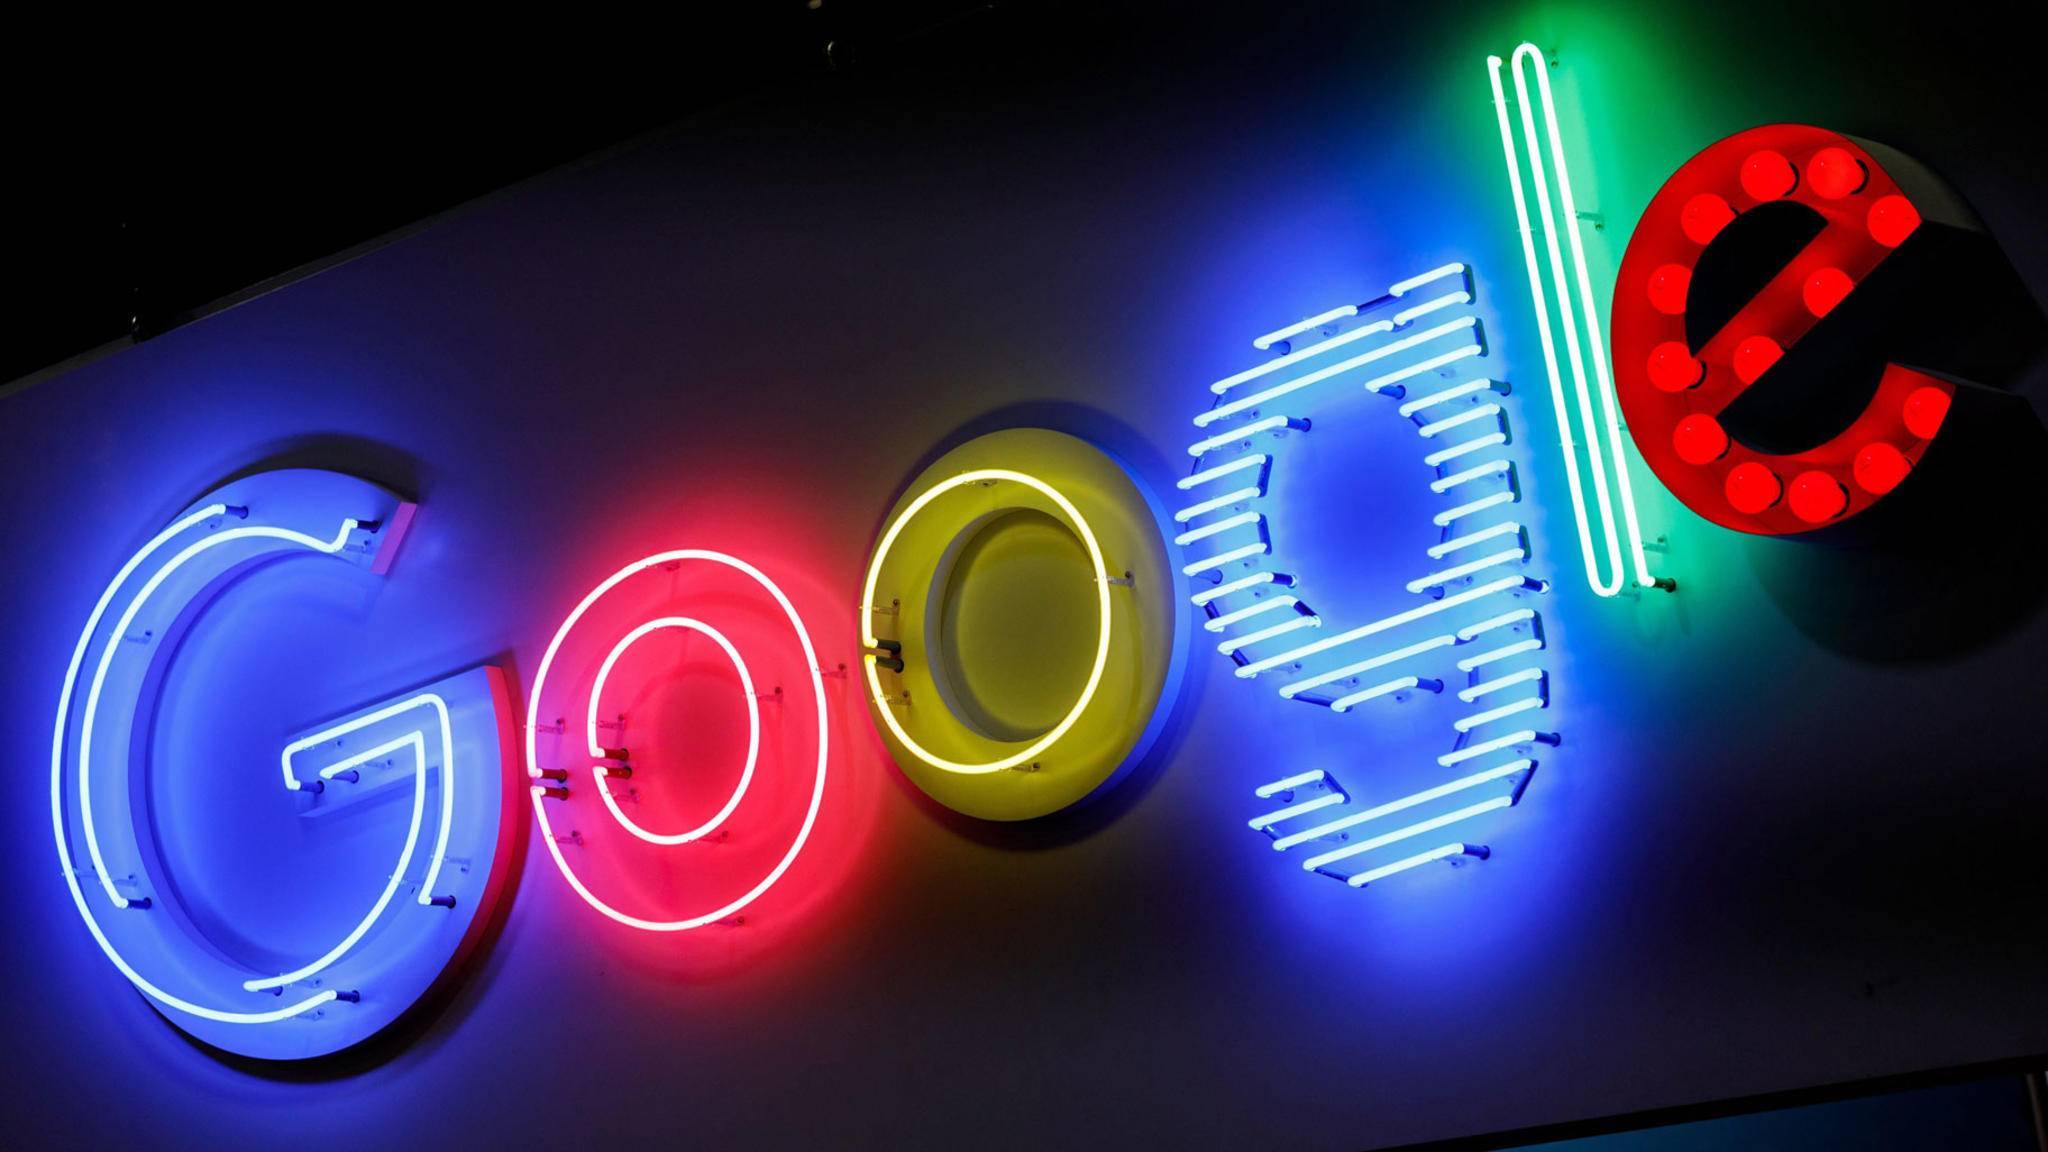 Der Name Google ist an einen mathematischen Begriff angelehnt.